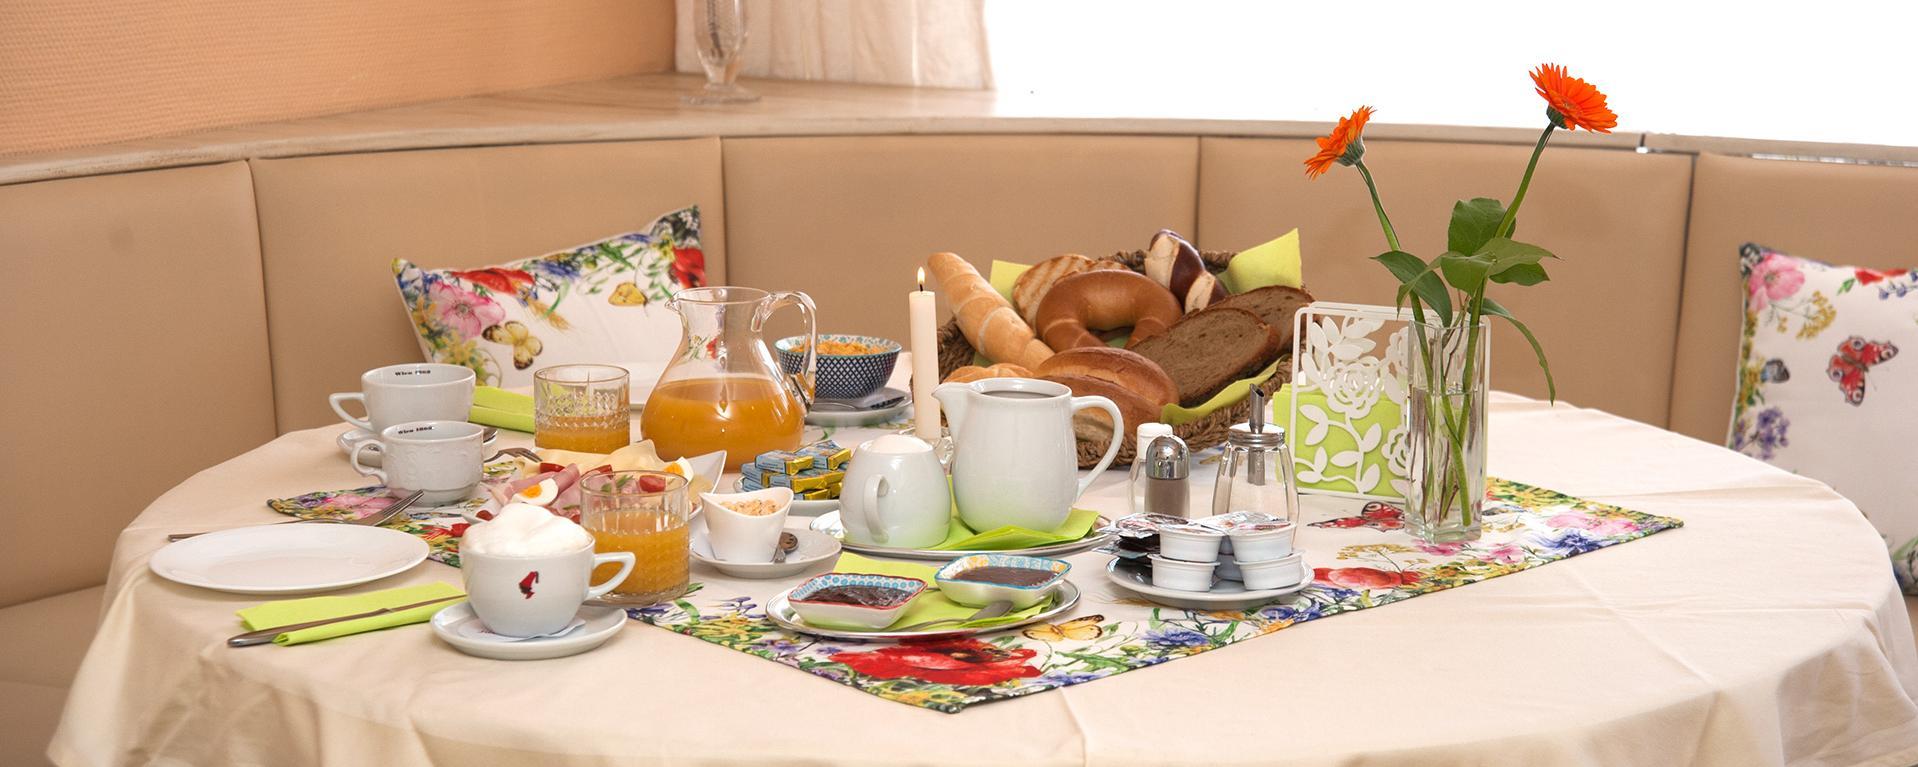 Caffeehaus Freingruber - Frühstück